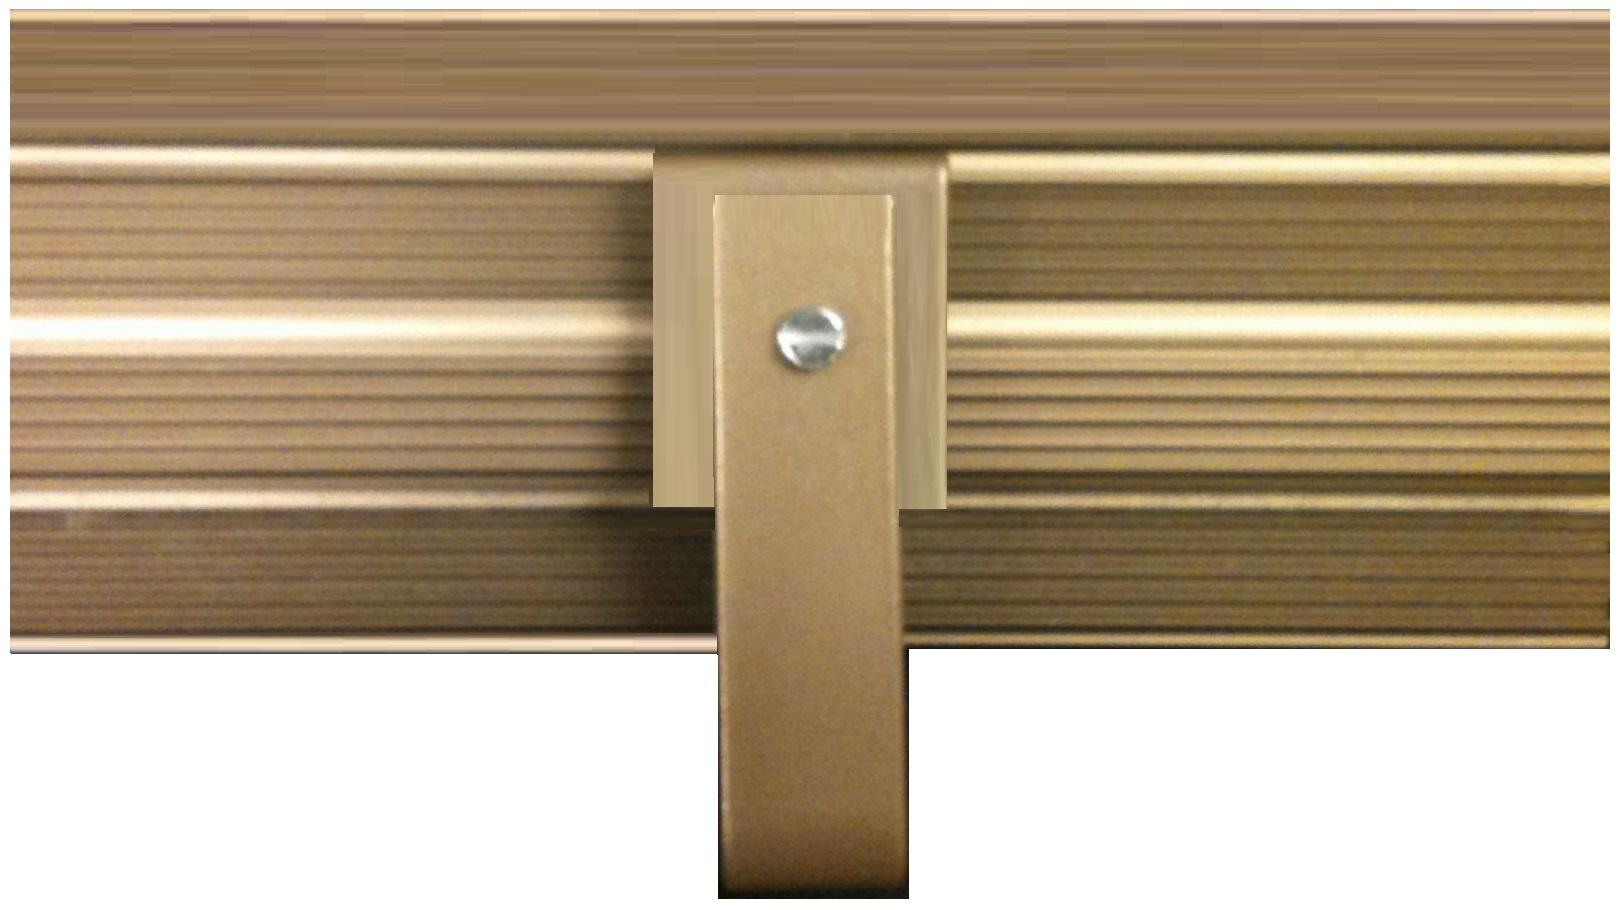 FX125k/t og FX175k/t tilbehør: Gulvbrakett bronse